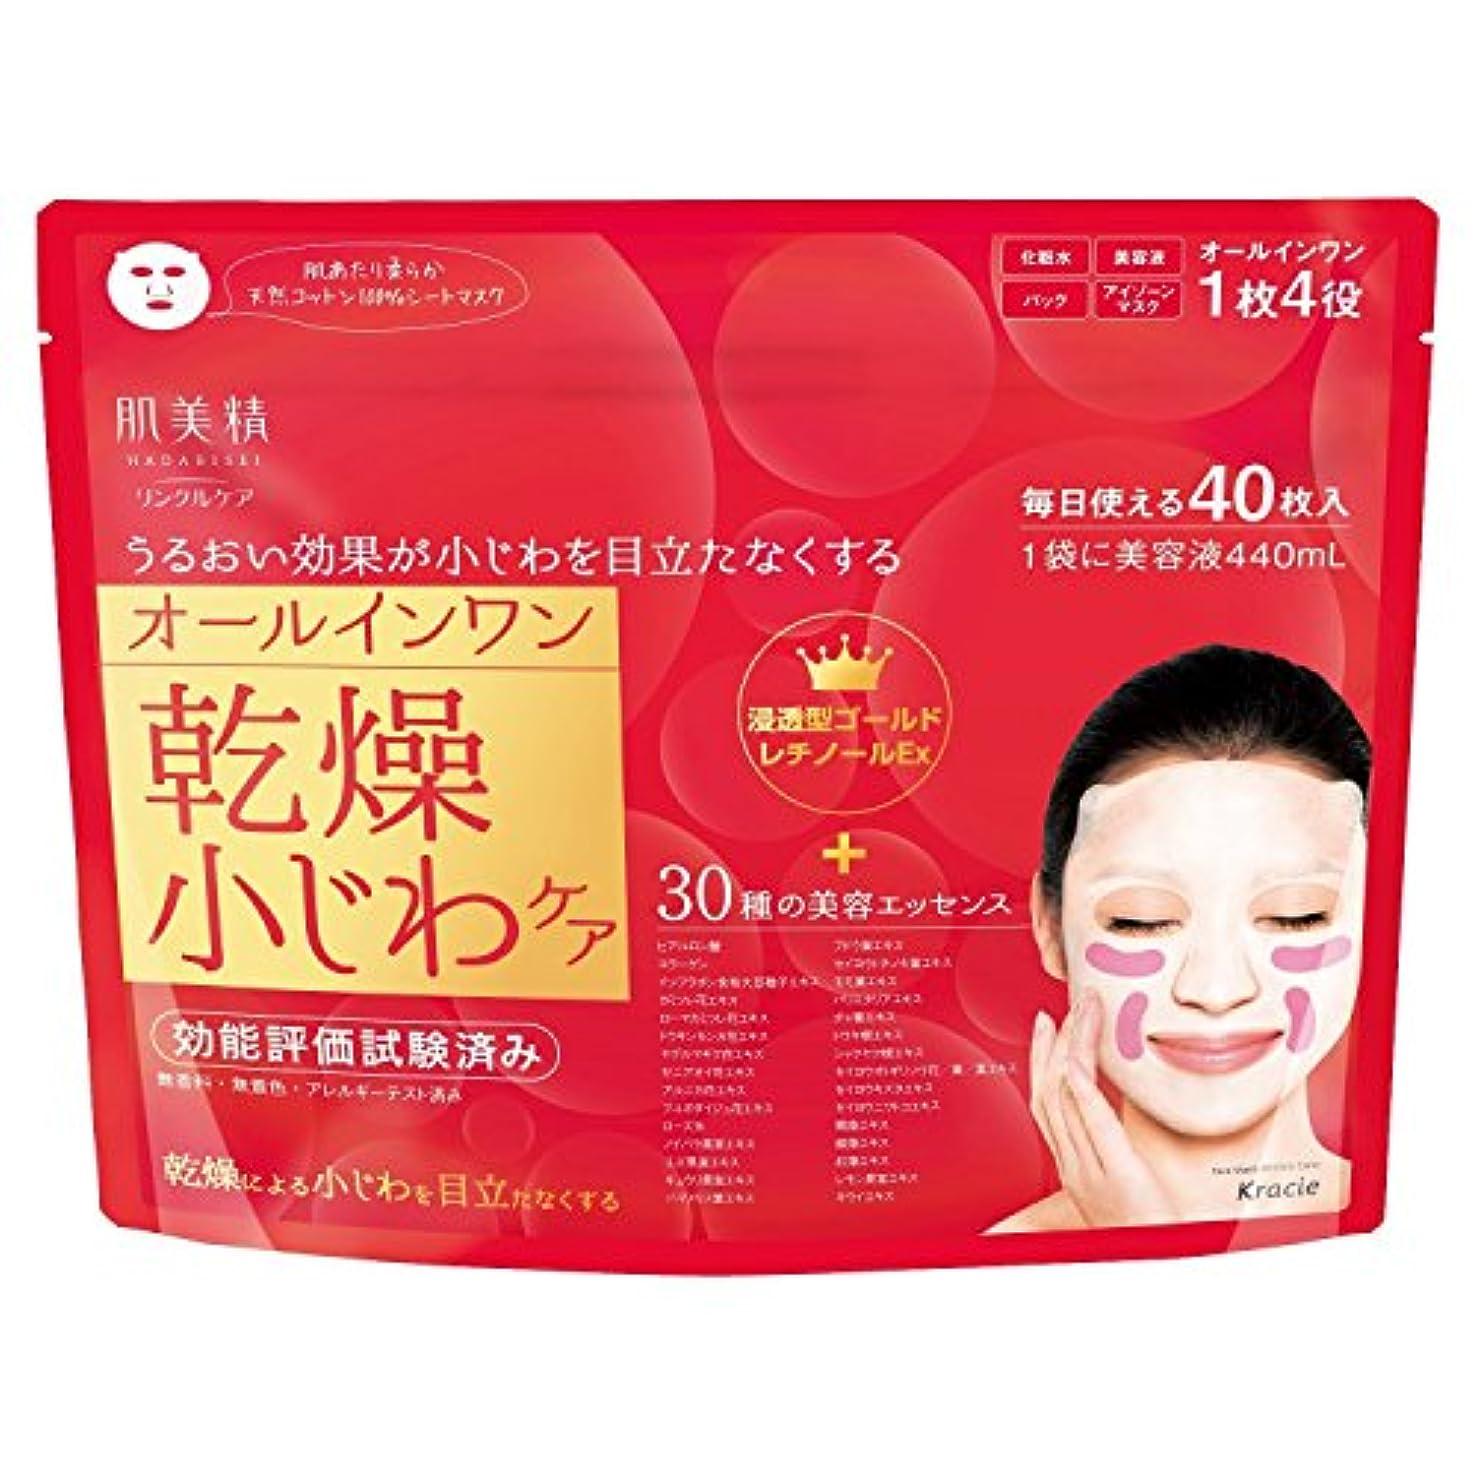 むしゃむしゃヶ月目収束肌美精 リンクルケア美容液マスク 40枚 × 10個